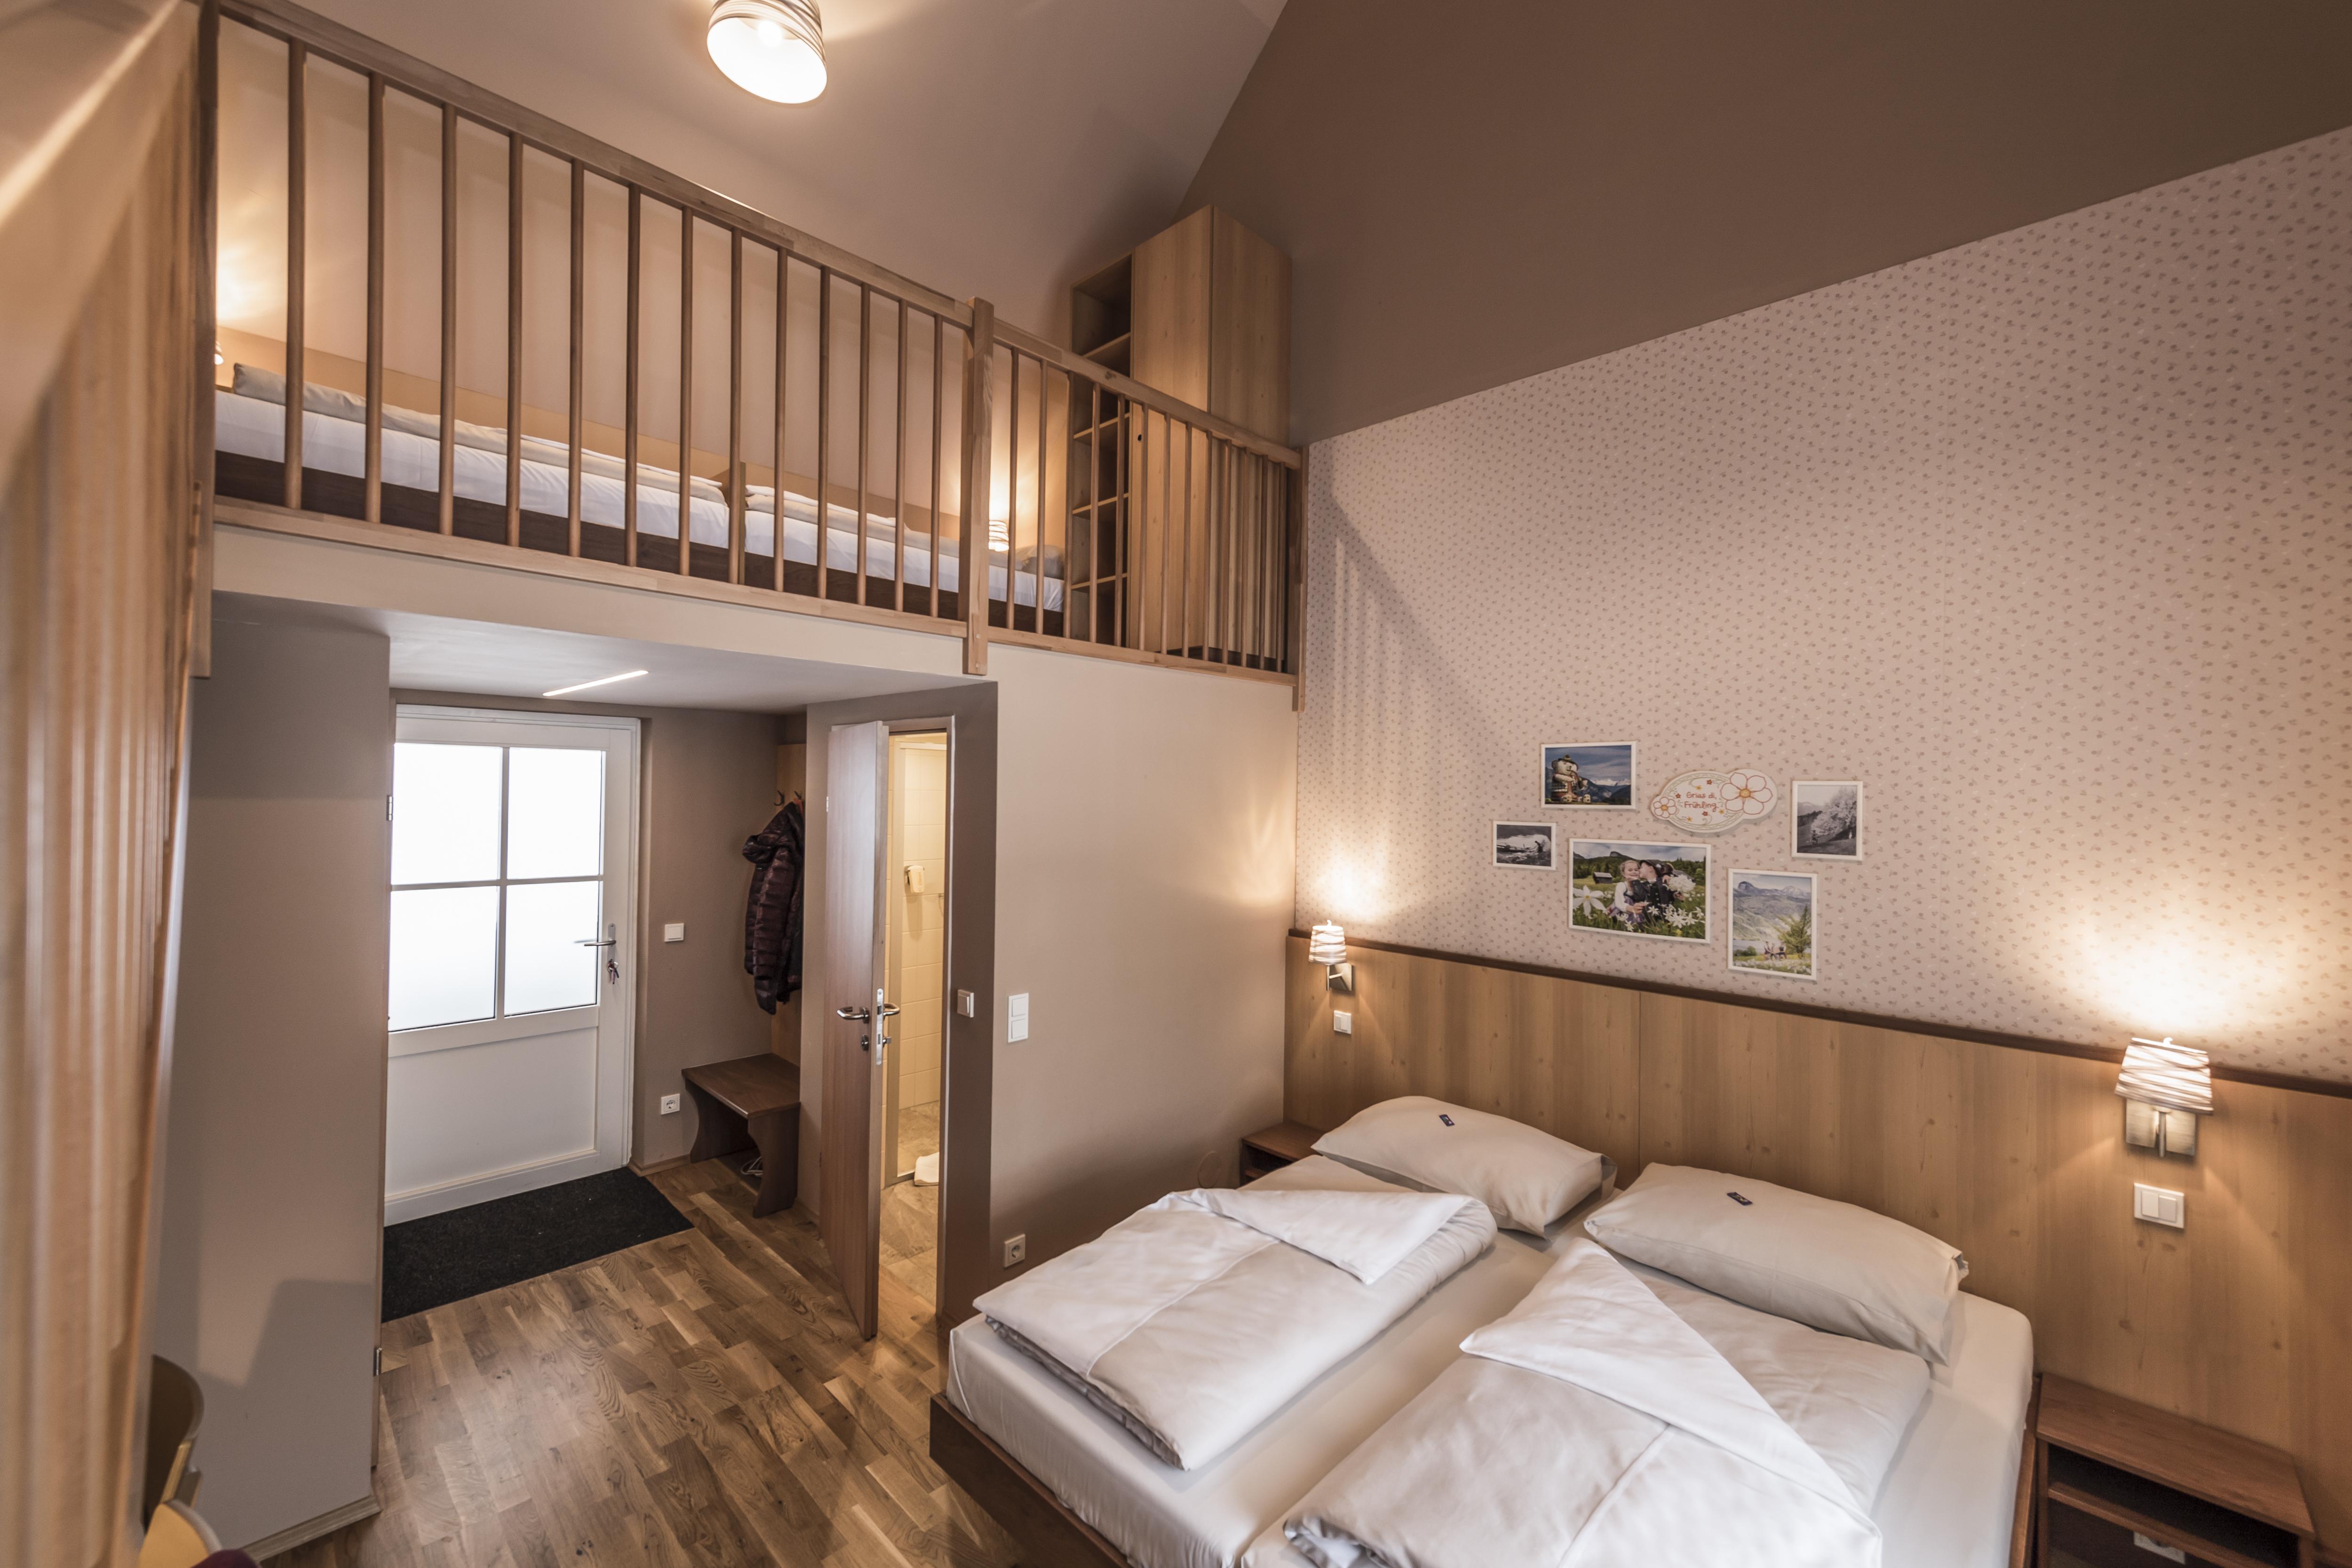 Sie sehen ein Doppelbett in einem Galeriezimmer Plus im JUFA Hotel Grundlsee*** mit Wandbildern. JUFA Hotels bietet erholsamen Familienurlaub und einen unvergesslichen Winter- und Wanderurlaub.